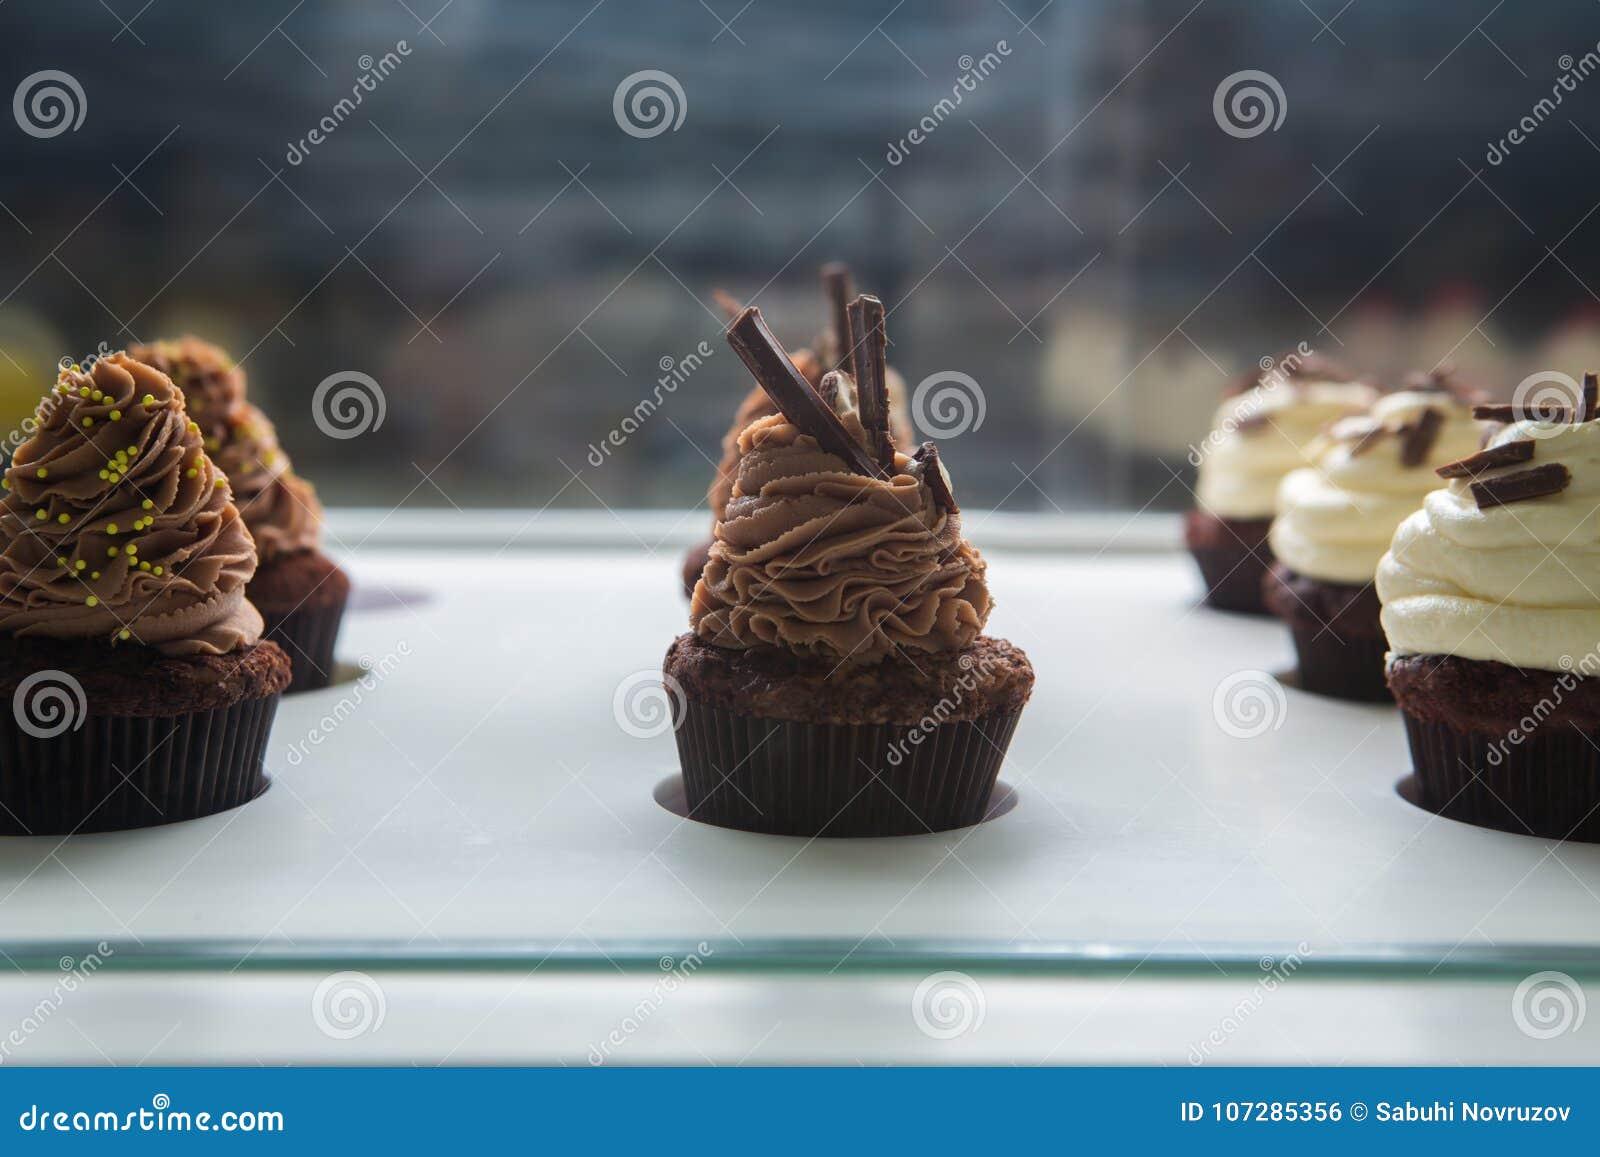 Bunte Kleine Kuchen Mit Verschiedenen Geschmäcken Kleine Schöne Kuchen Auf  Weiße Tischplatte